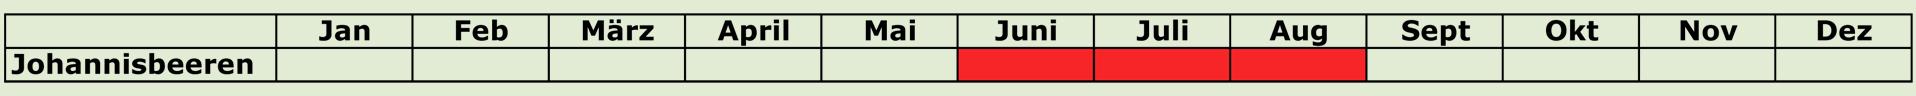 Johannisbeeren